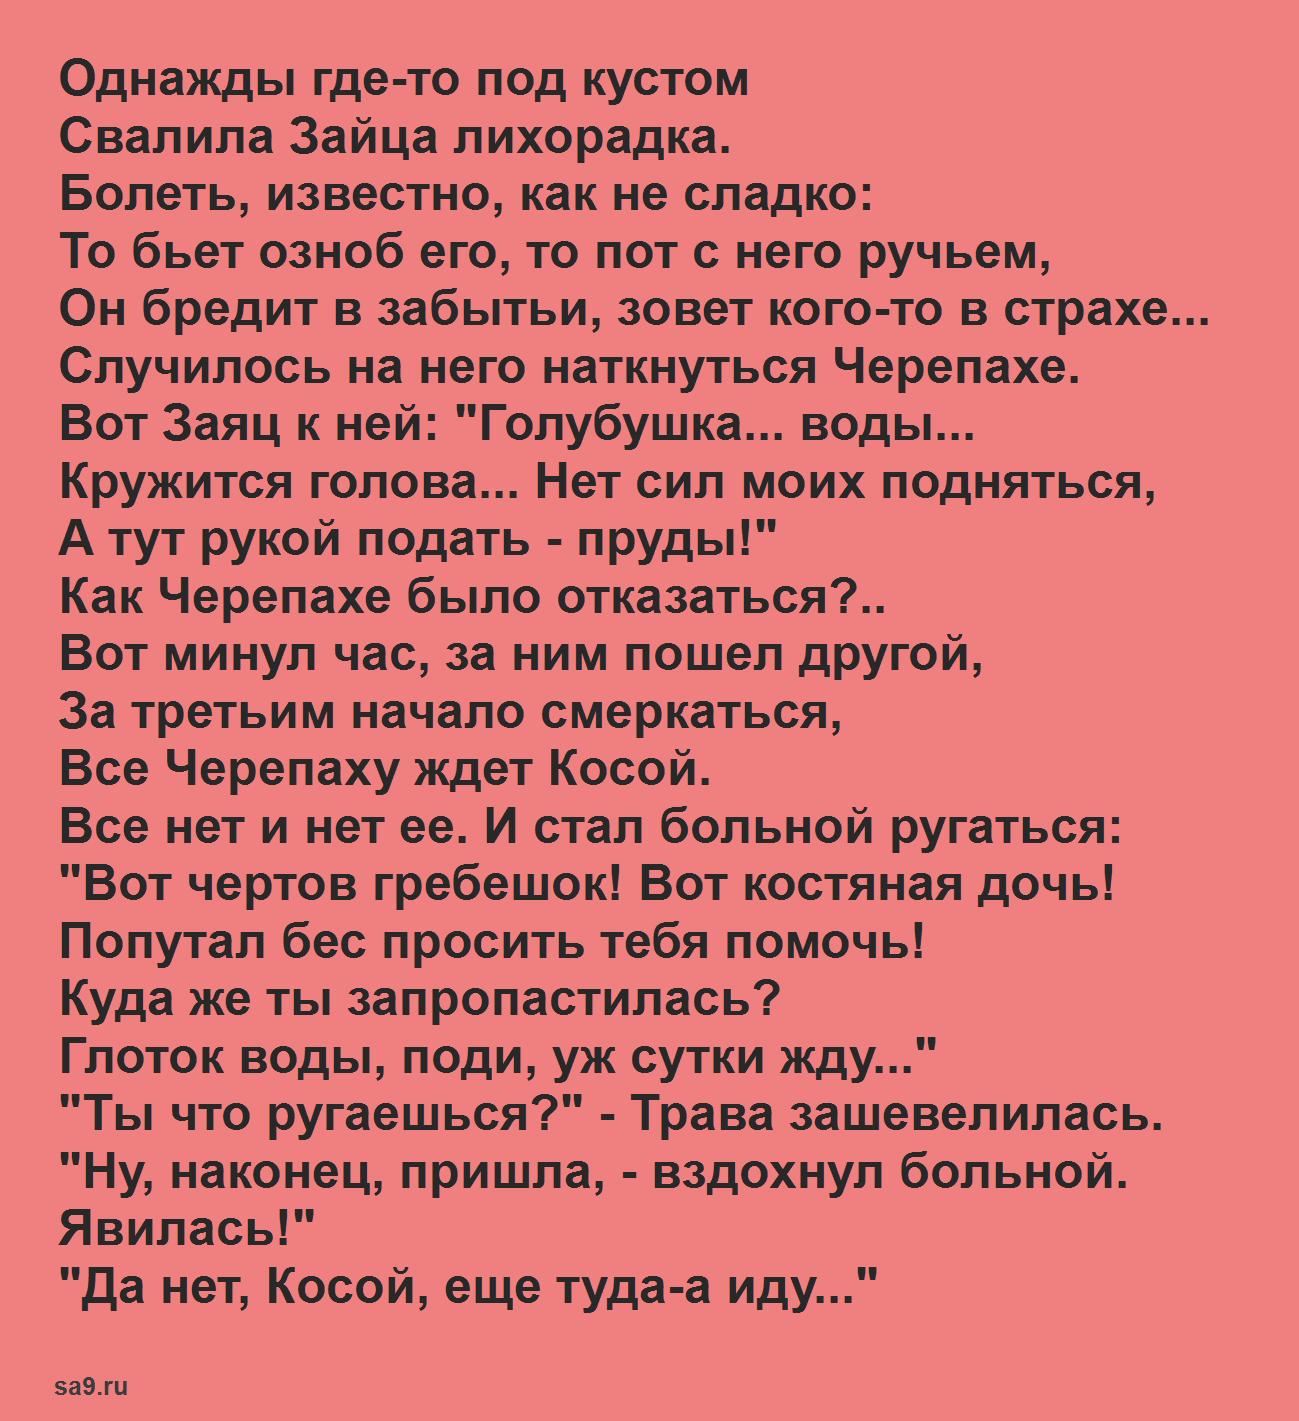 Басня Михалкова 'Заяц и Черепаха', текст басни читать полностью